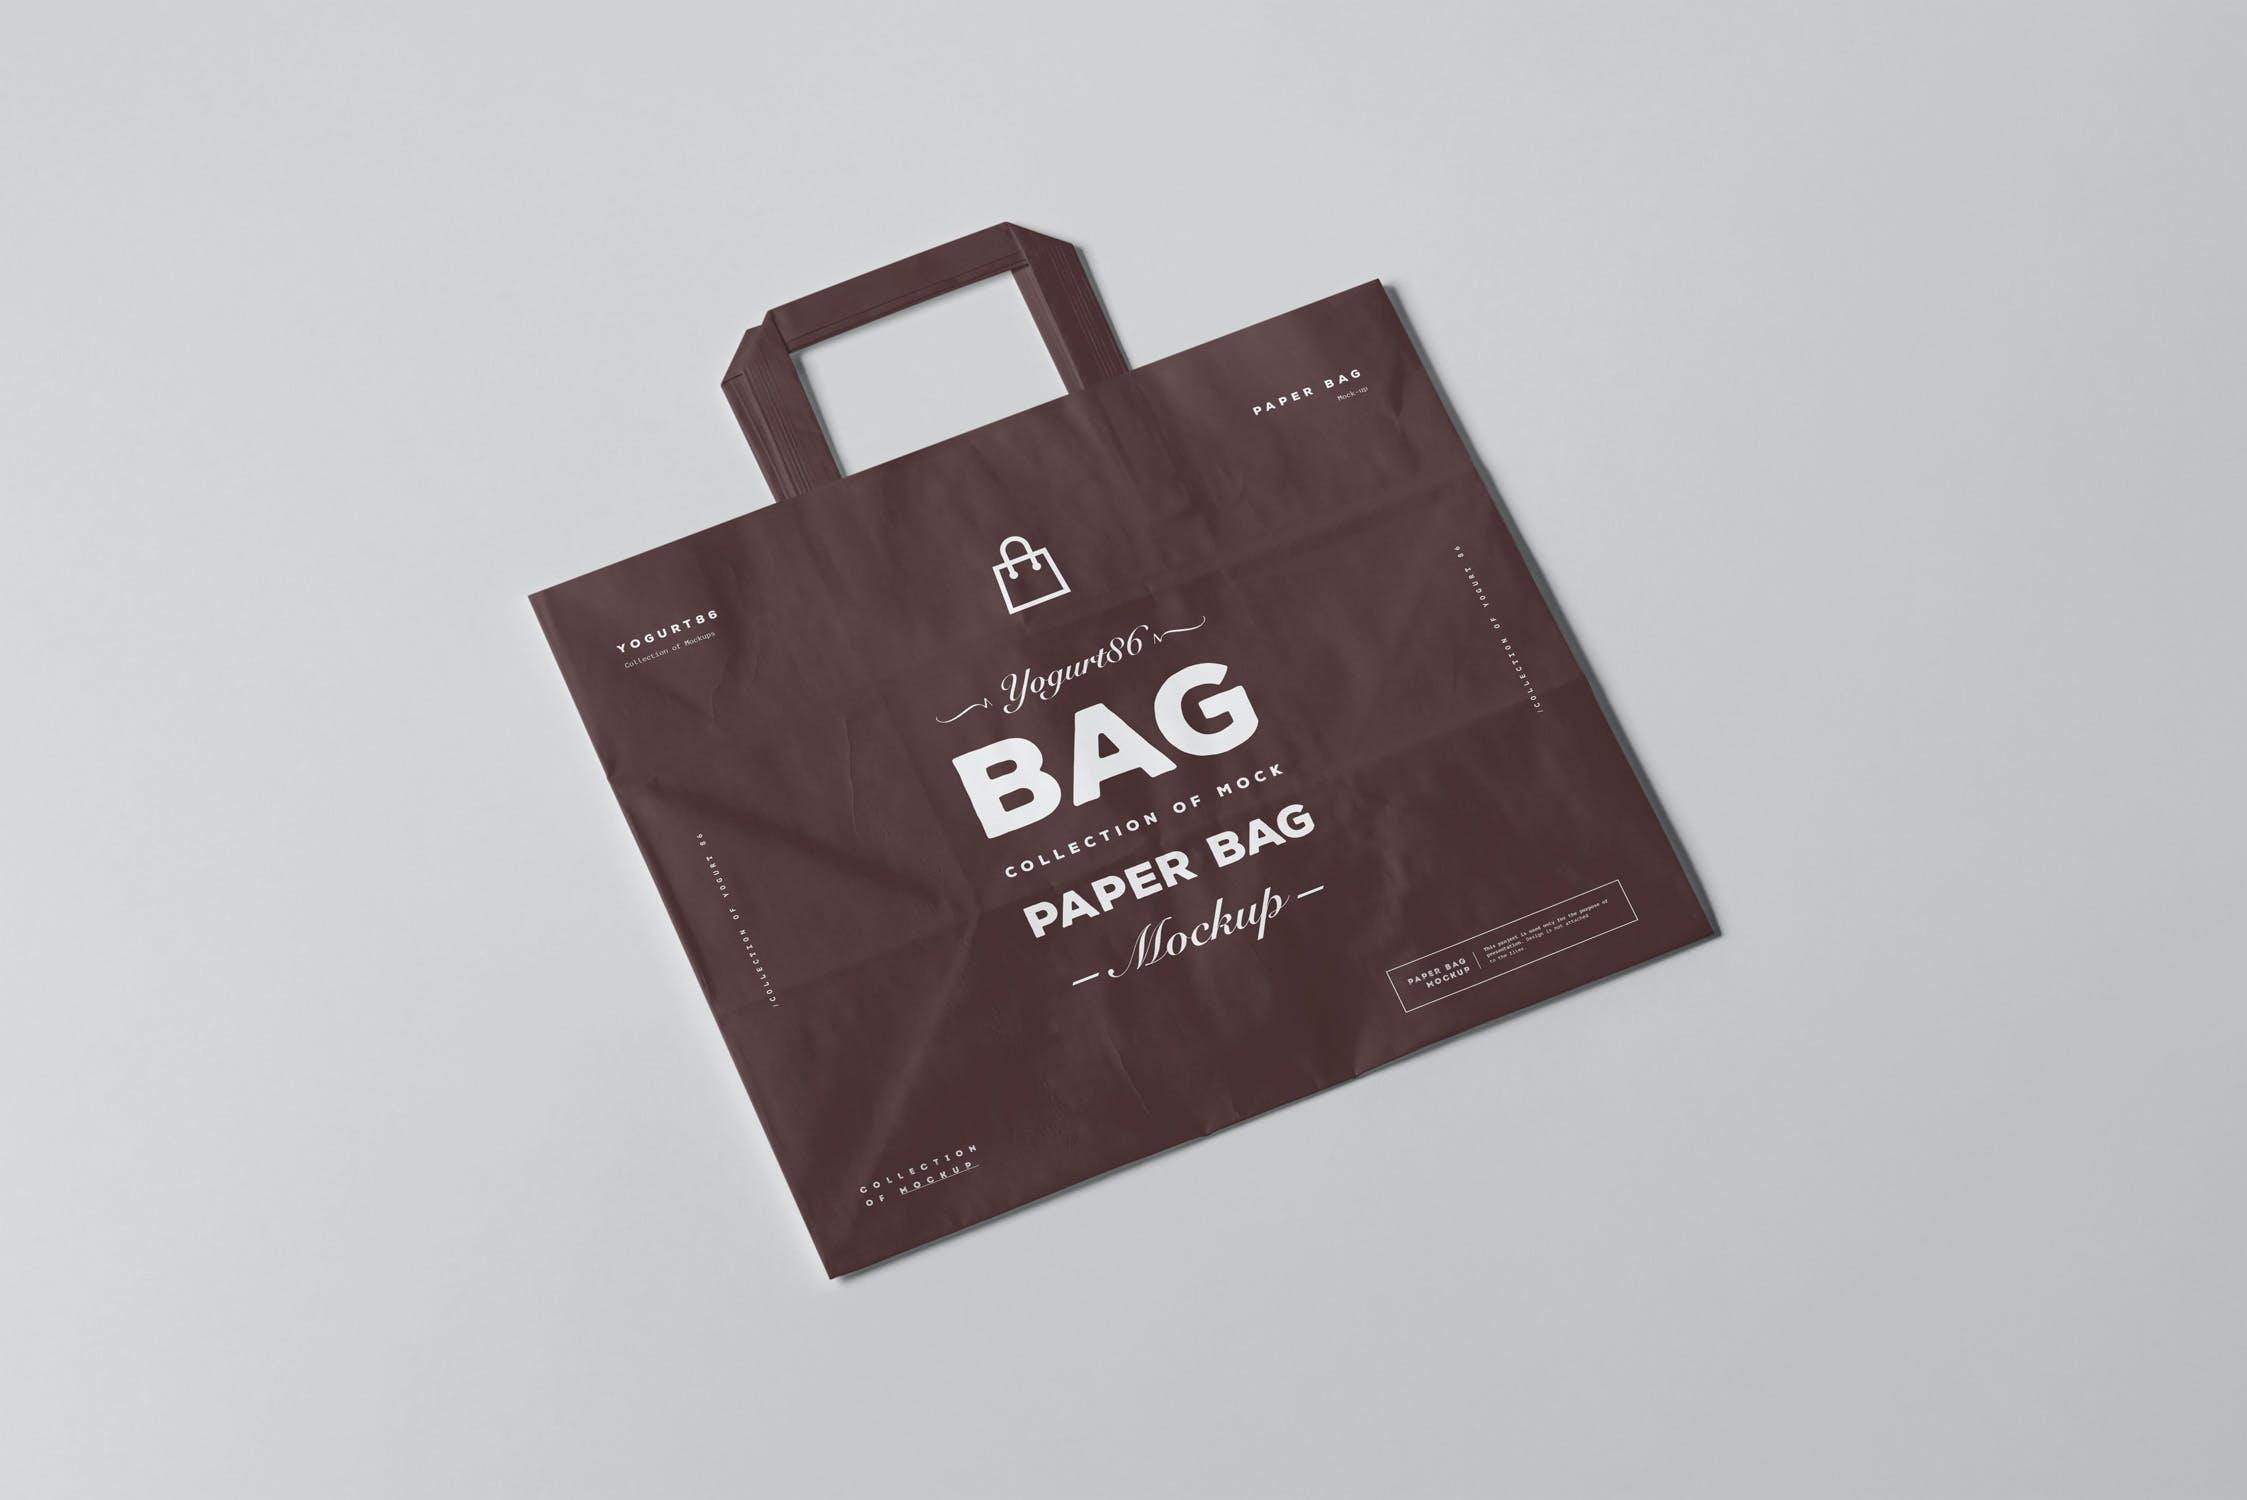 11款商城购物手提纸袋设计展示样机 Paper Bag Mockup 3插图(9)